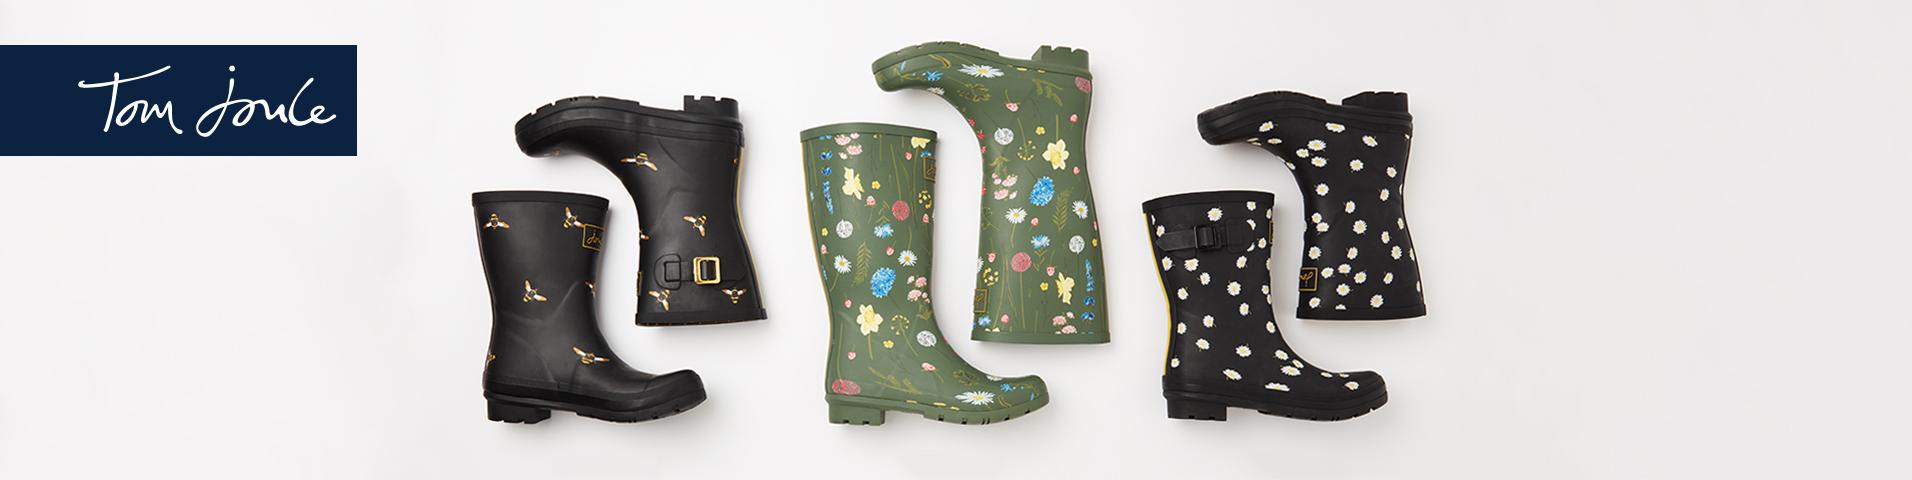 Tom Joule Gummistøvler | Damer | Køb din nye gummistøvle